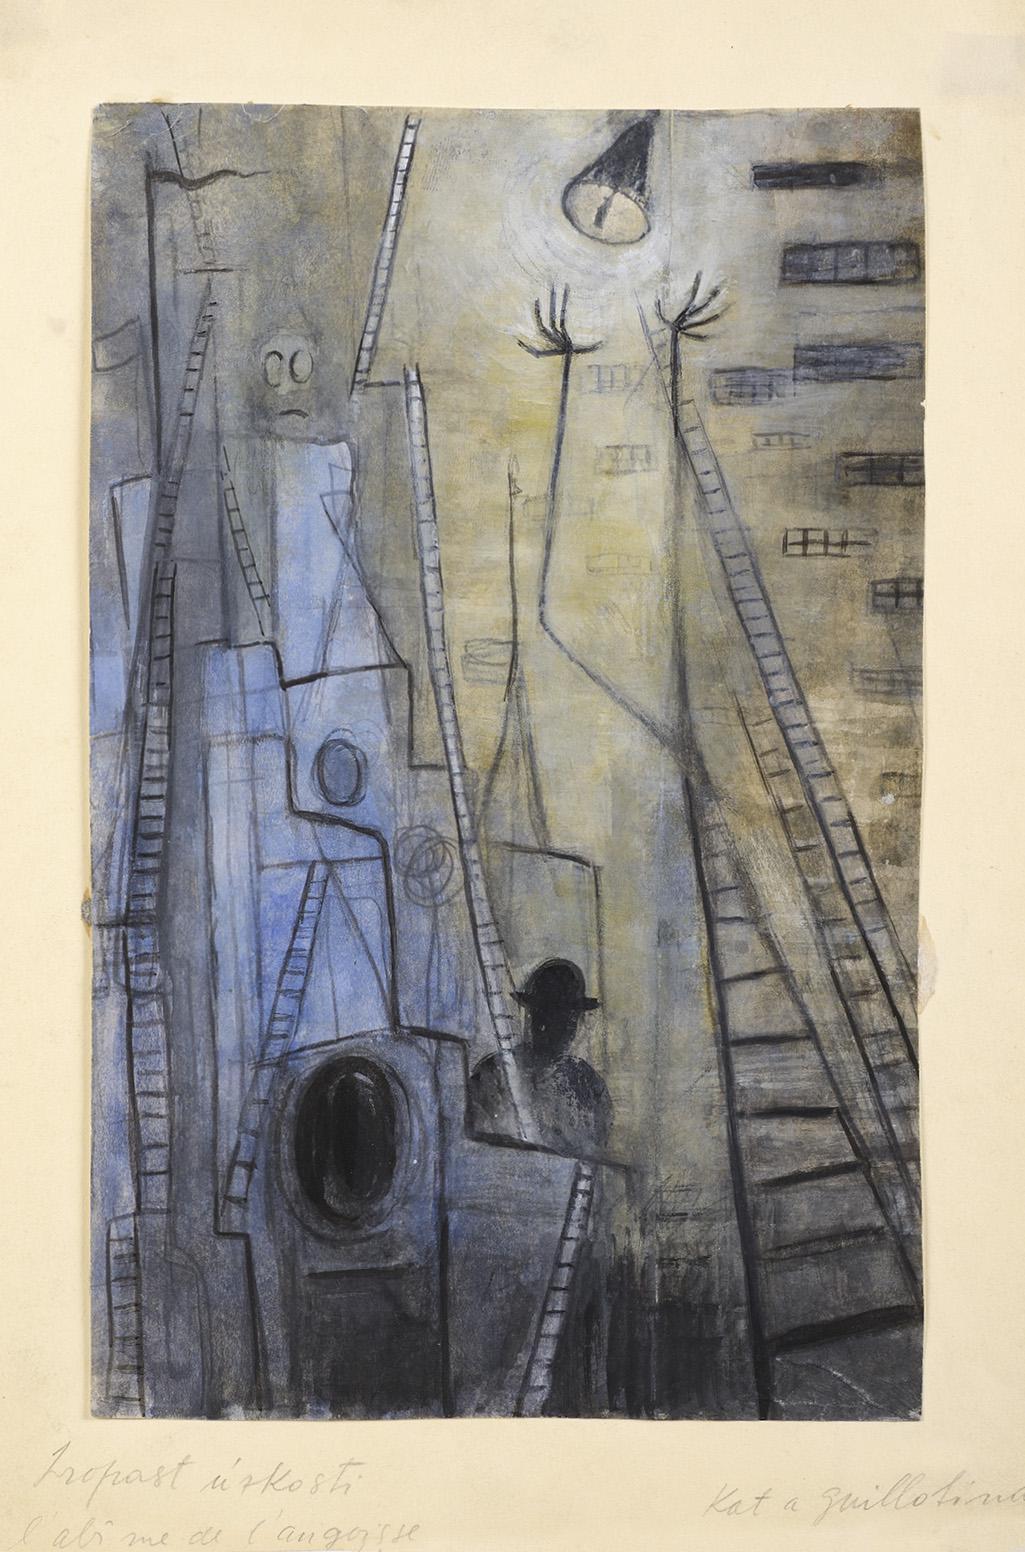 Alén Diviš / Propast úzkosti, 1945